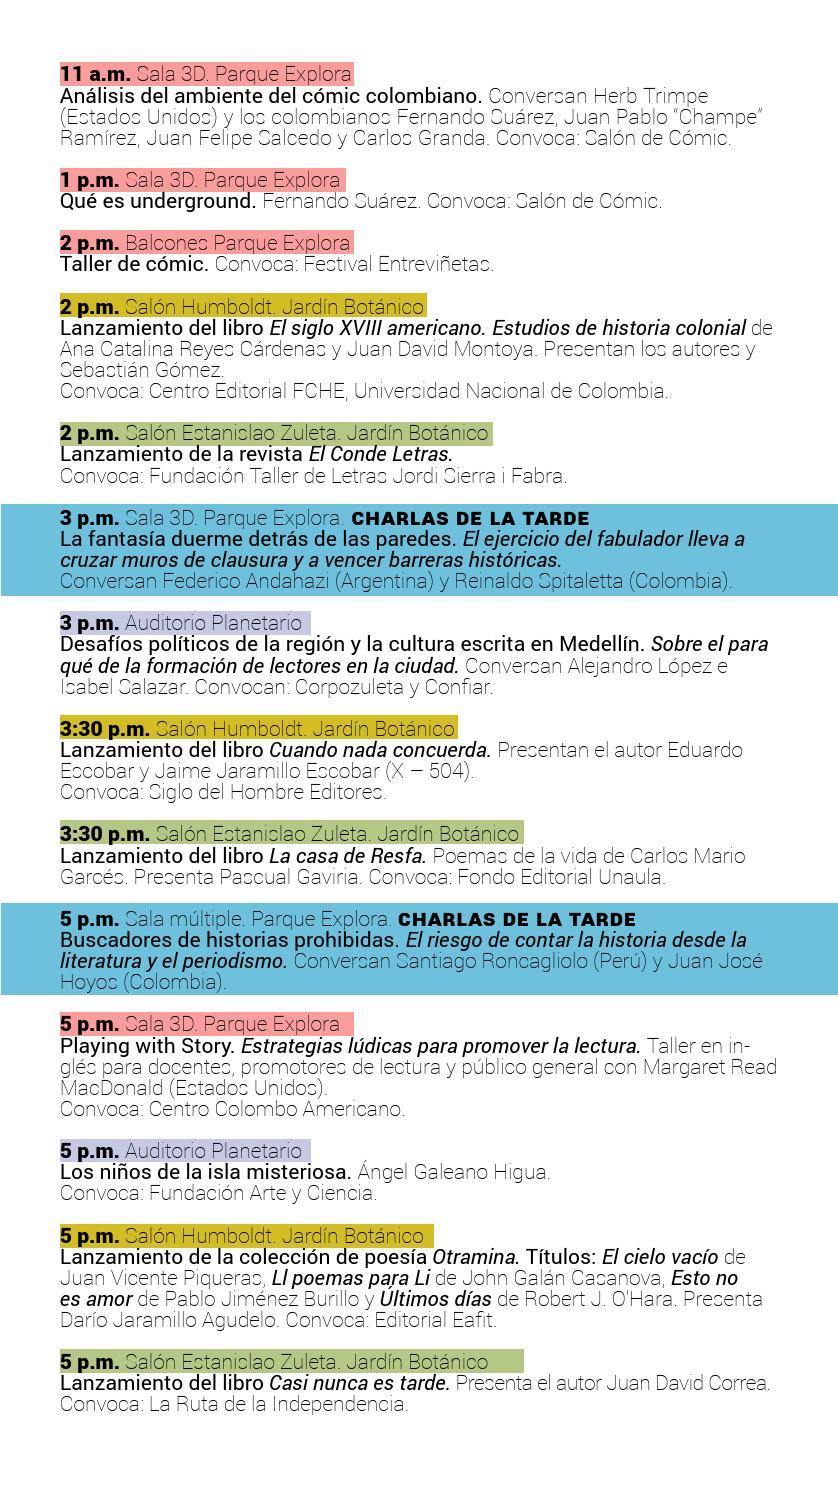 Programacion Fiesta Del Libro Y La Cultura 2013 By Eventos Del Libro